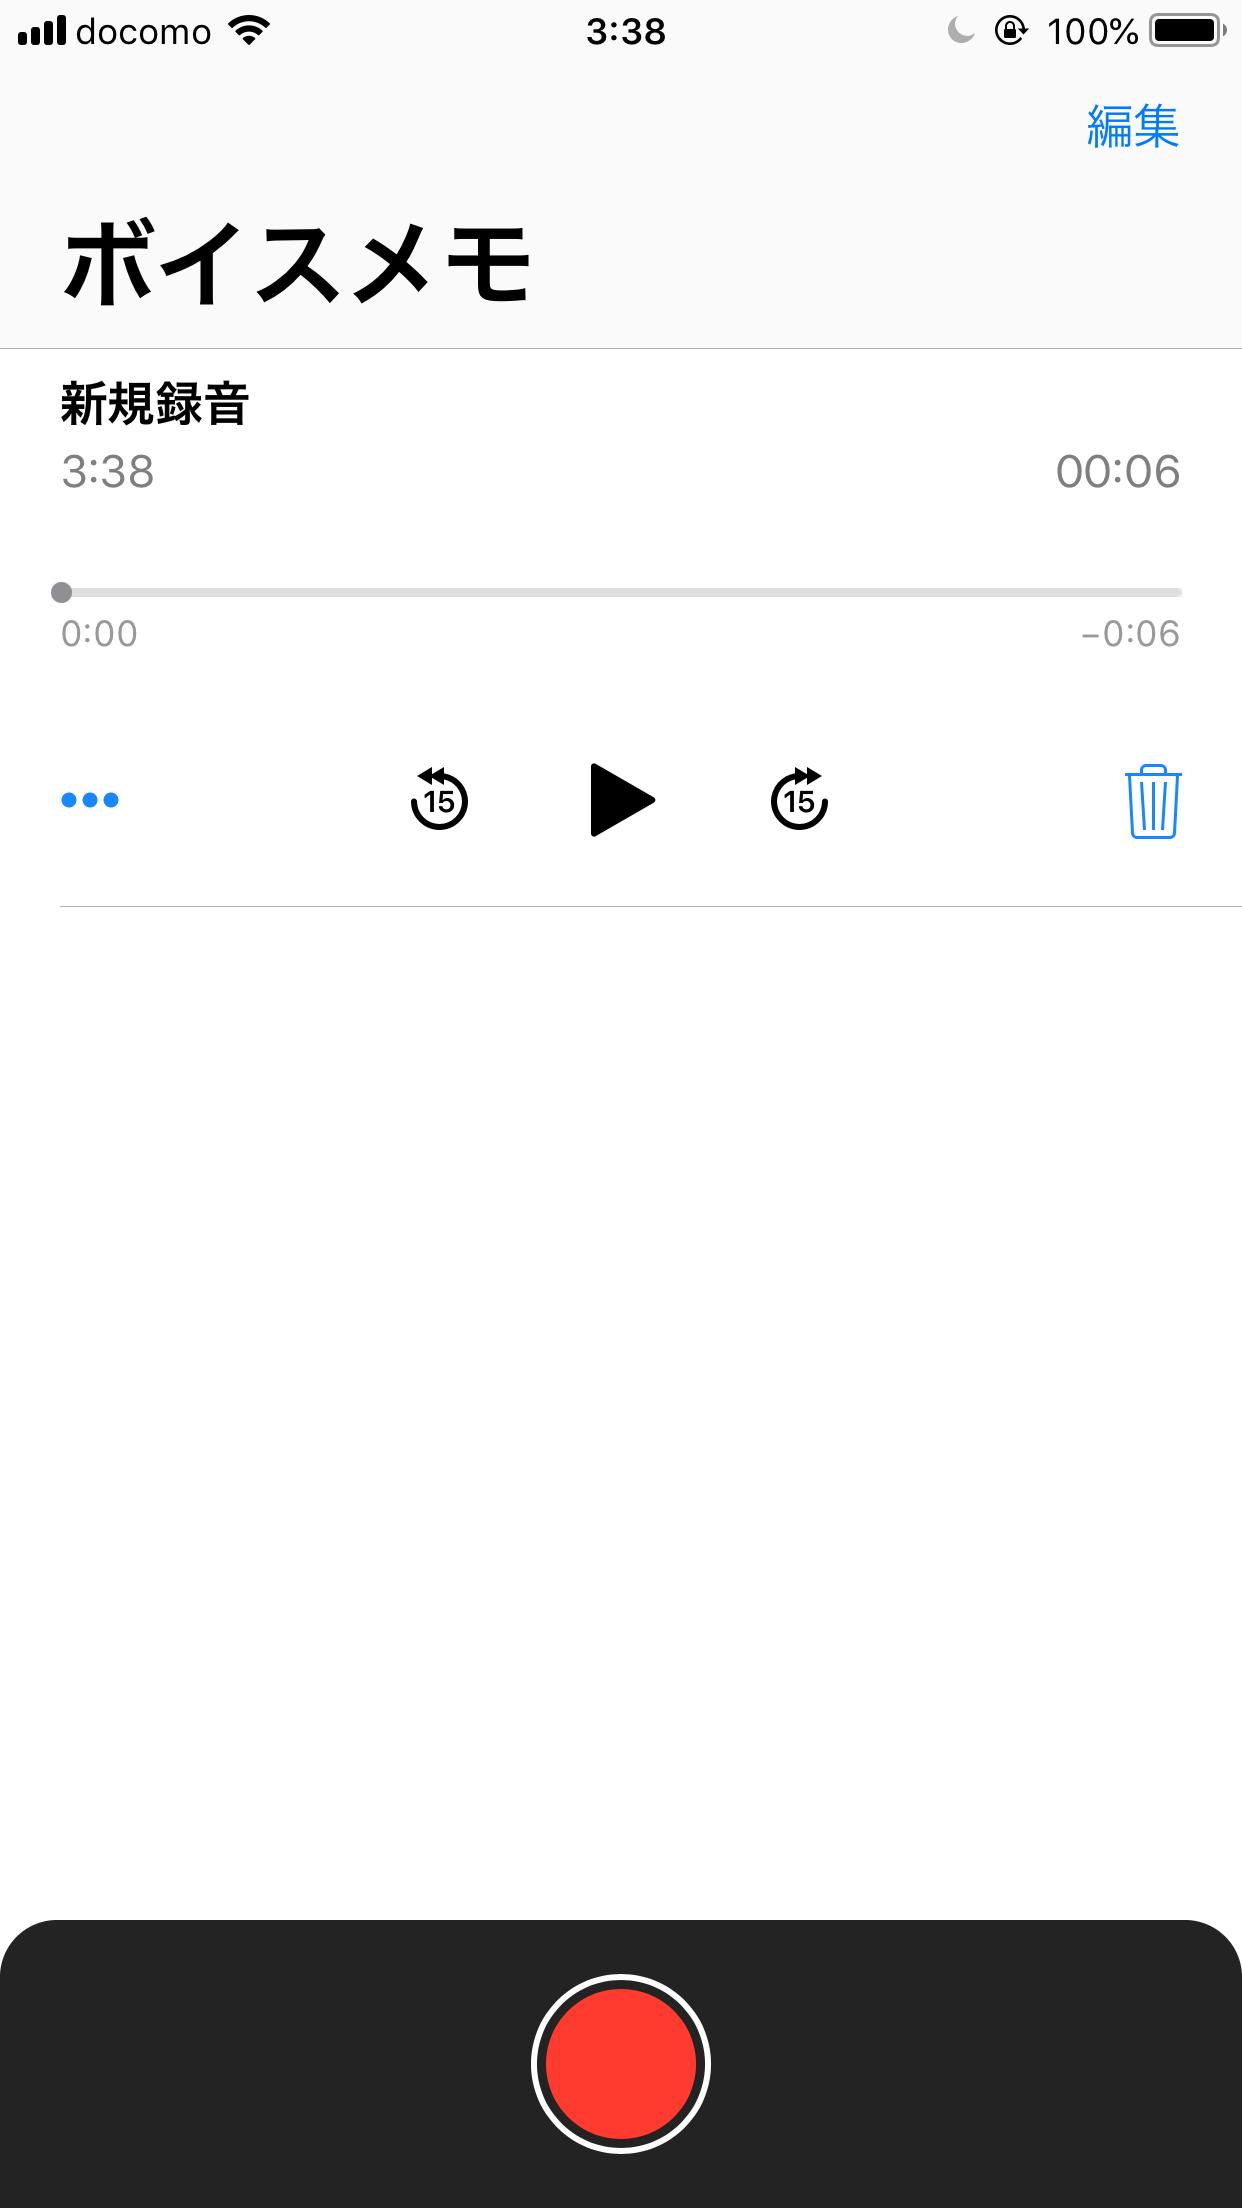 電話 録音 アプリ